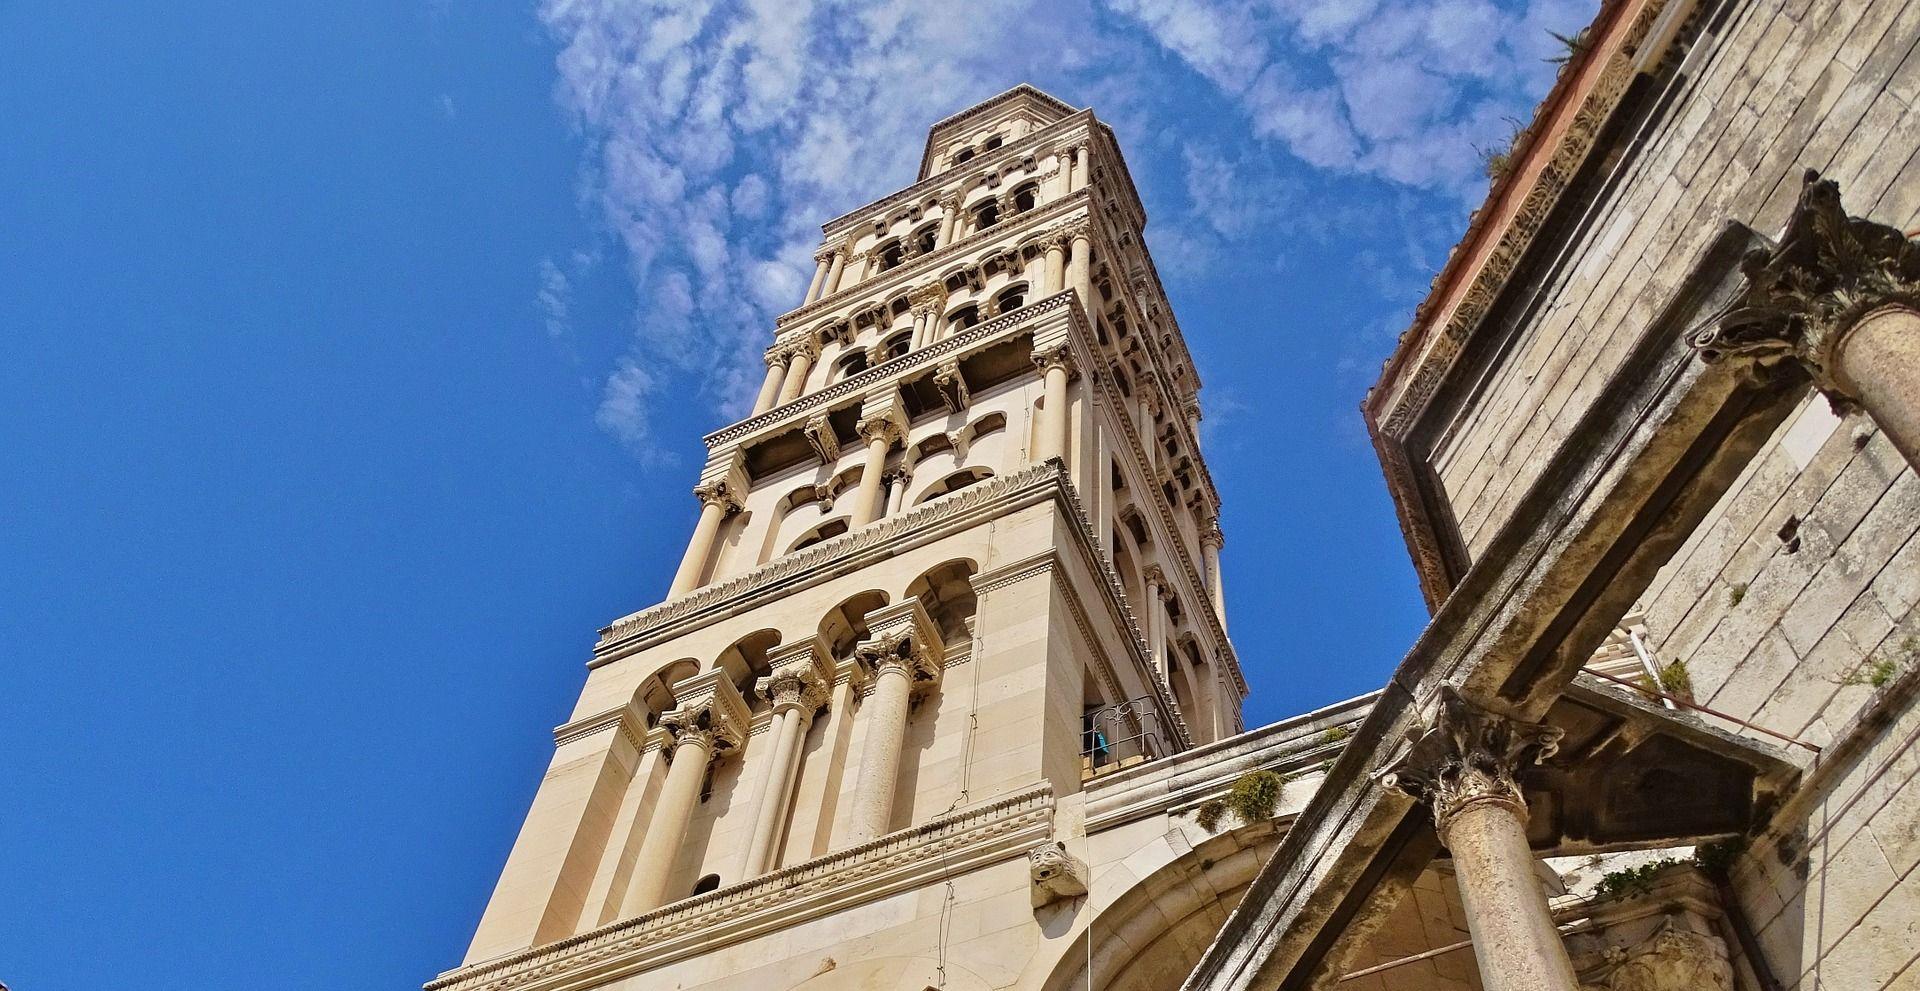 Vandali išarali zid katedrale svetog Duje